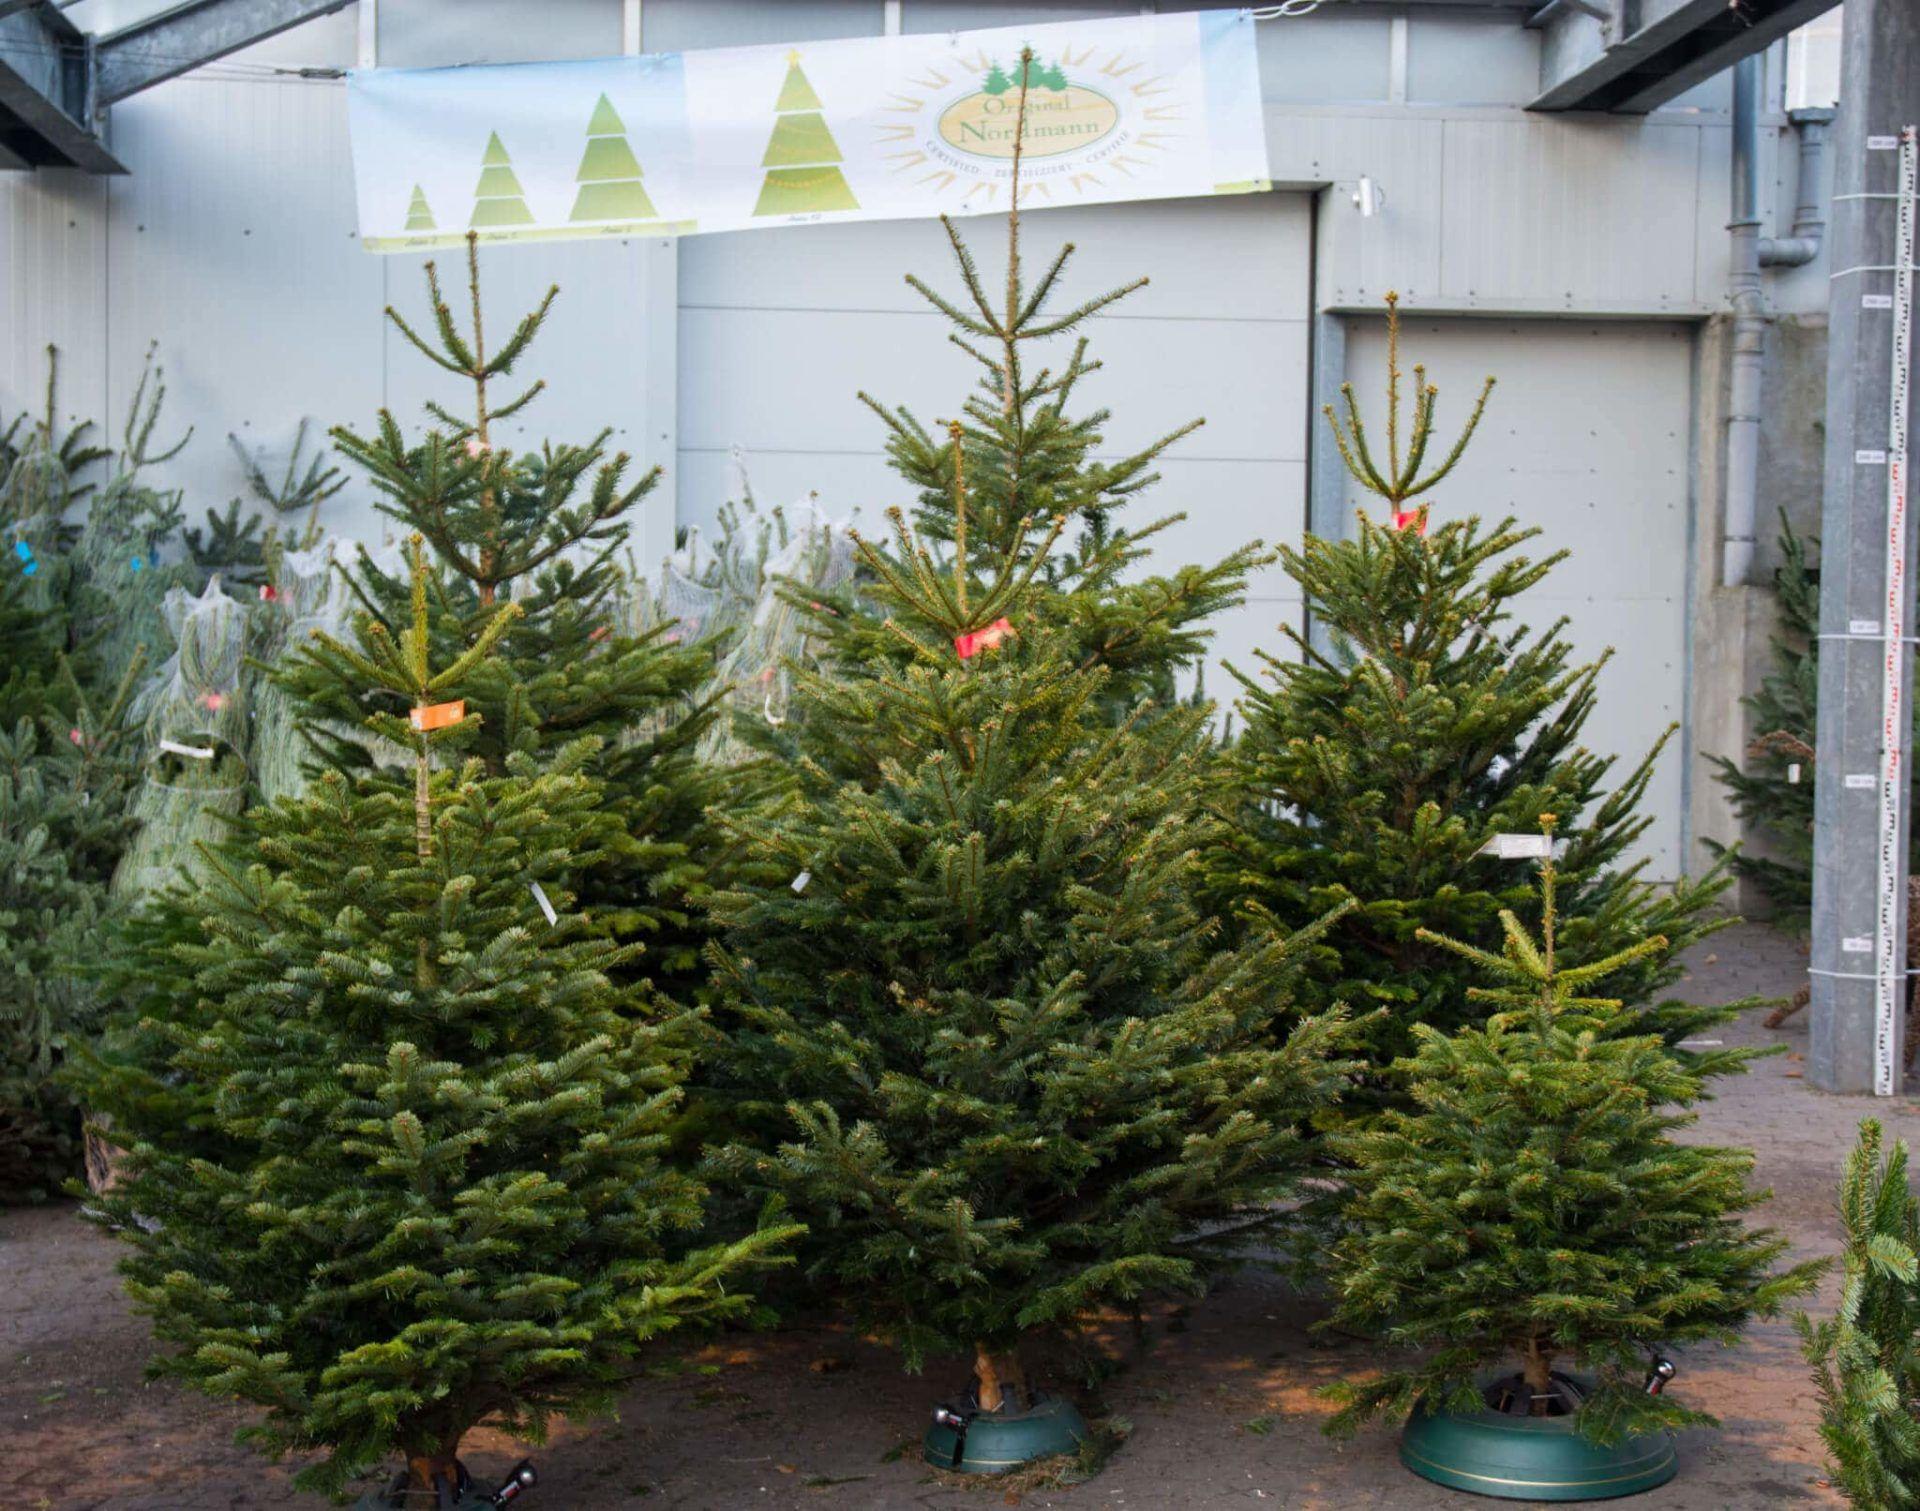 tipps f r den perfekten weihnachtsbaum blumen bruno mankopf. Black Bedroom Furniture Sets. Home Design Ideas